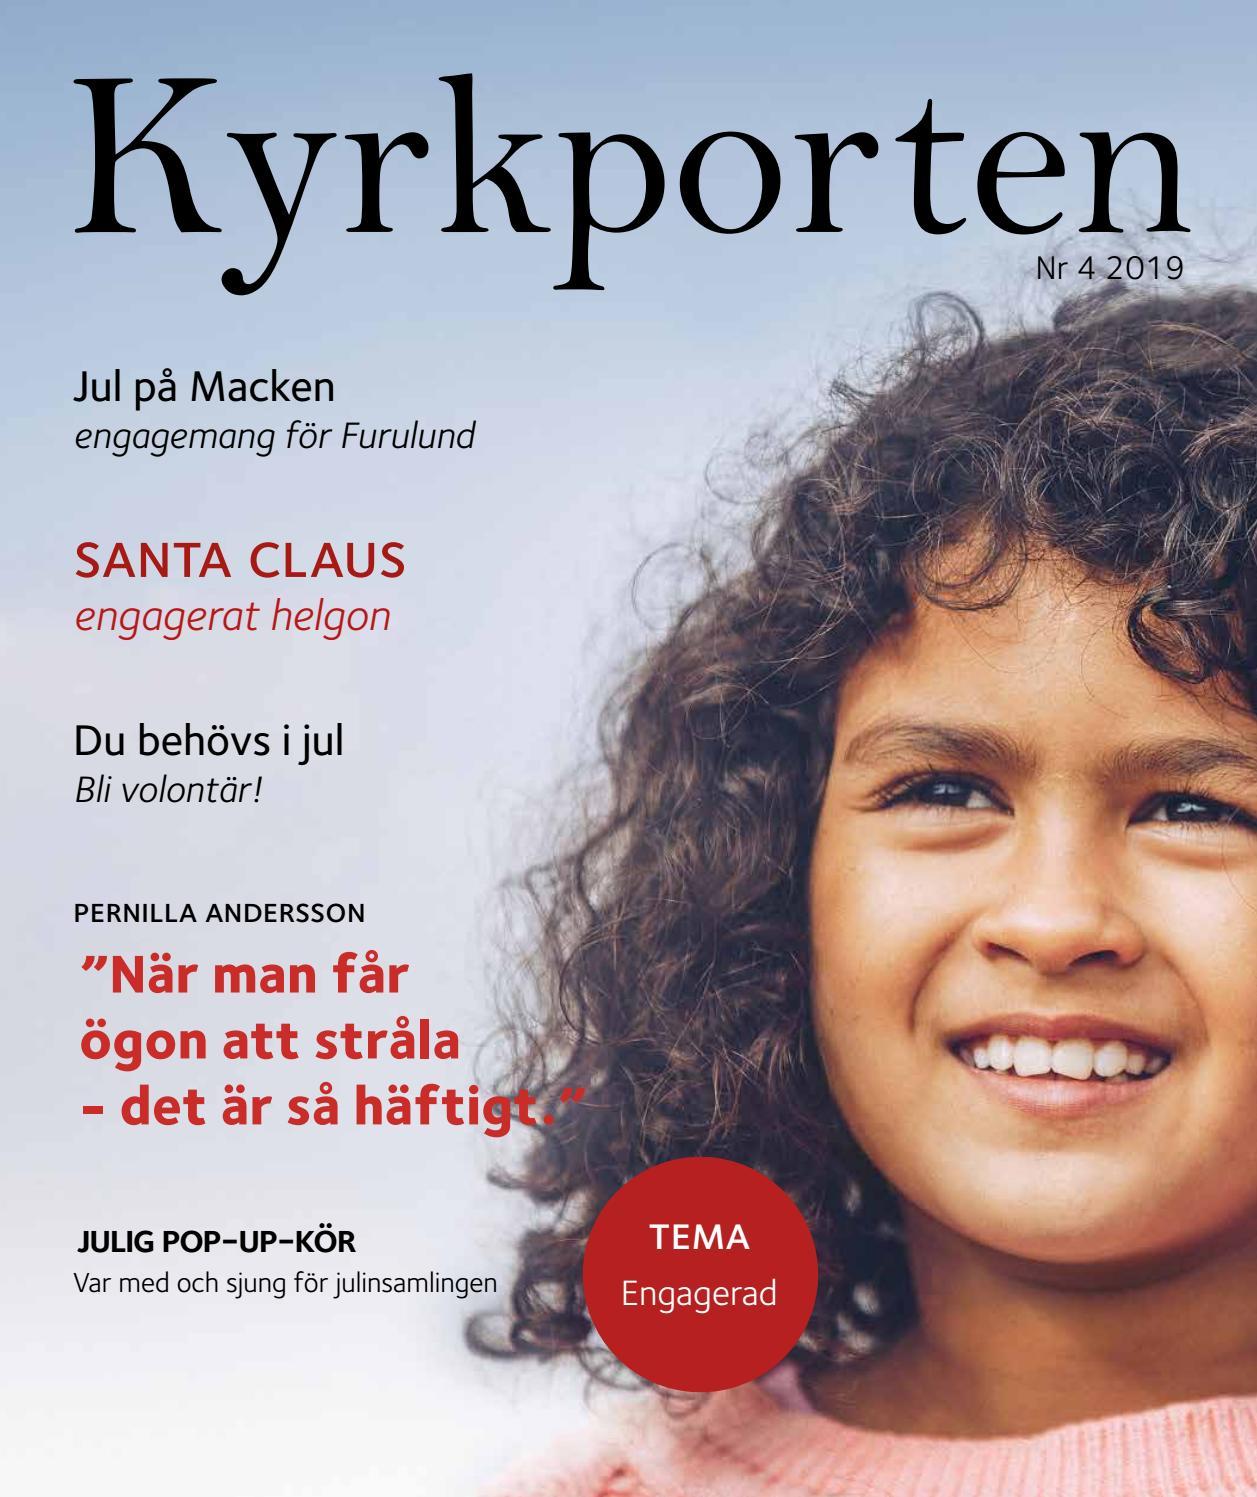 Kyrkporten #2 2019 by Lackalnga-Stvie frsamling - issuu